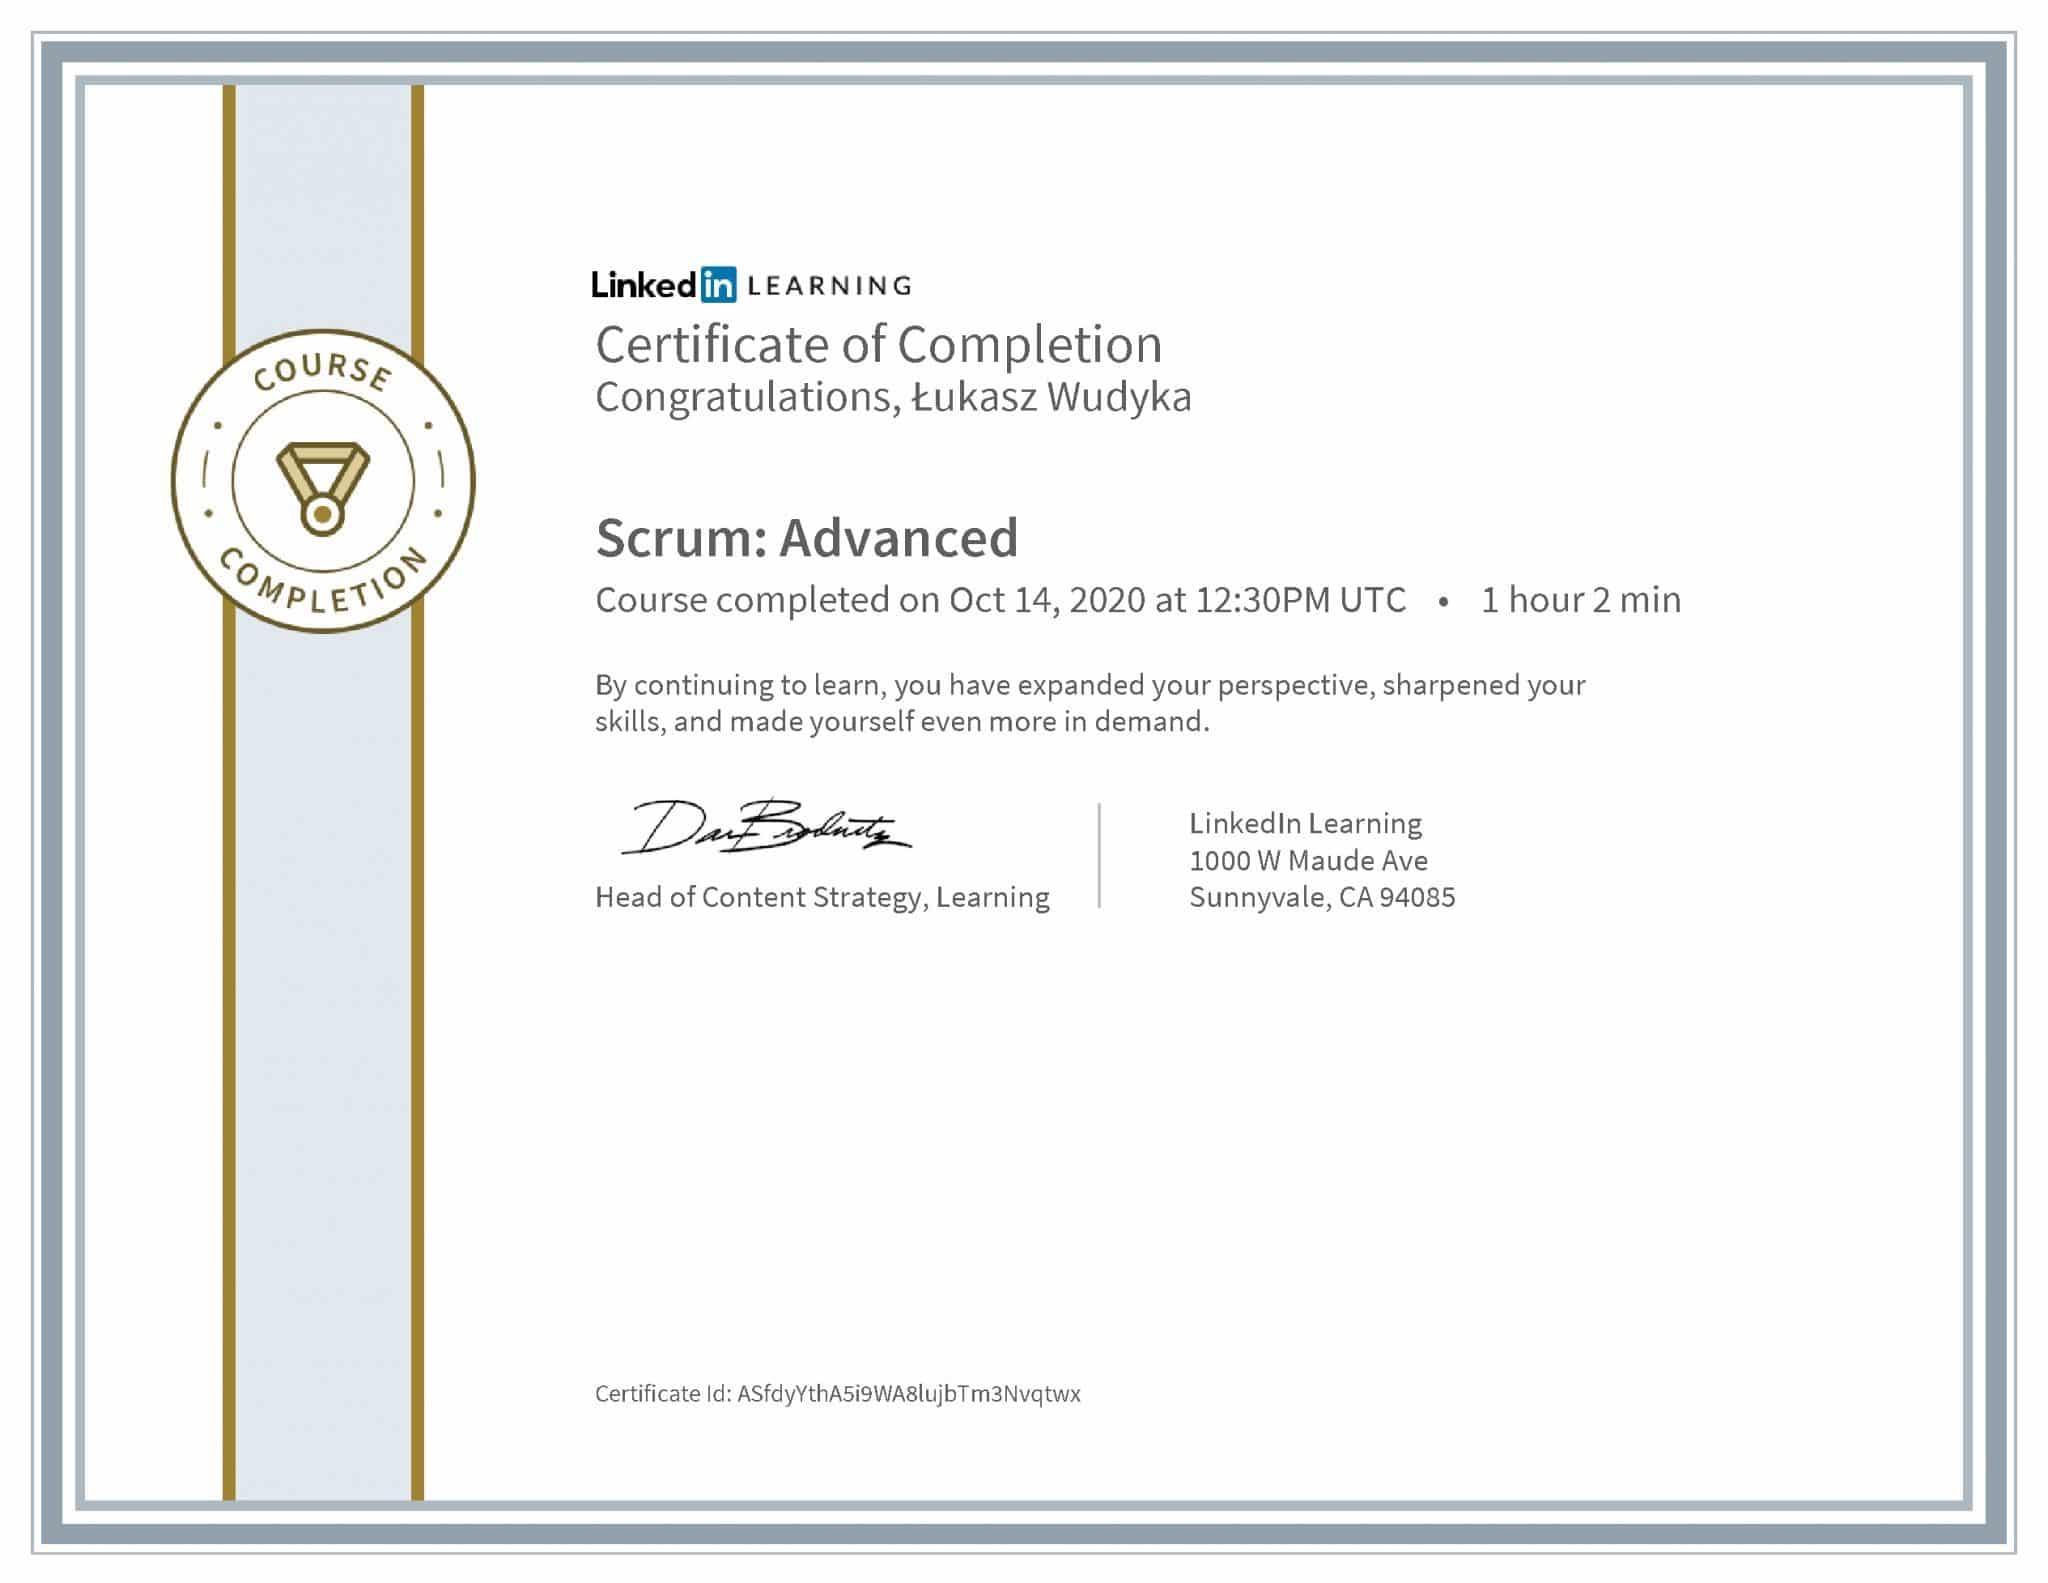 Łukasz Wudyka certyfikat LinkedIn Scrum: Advanced